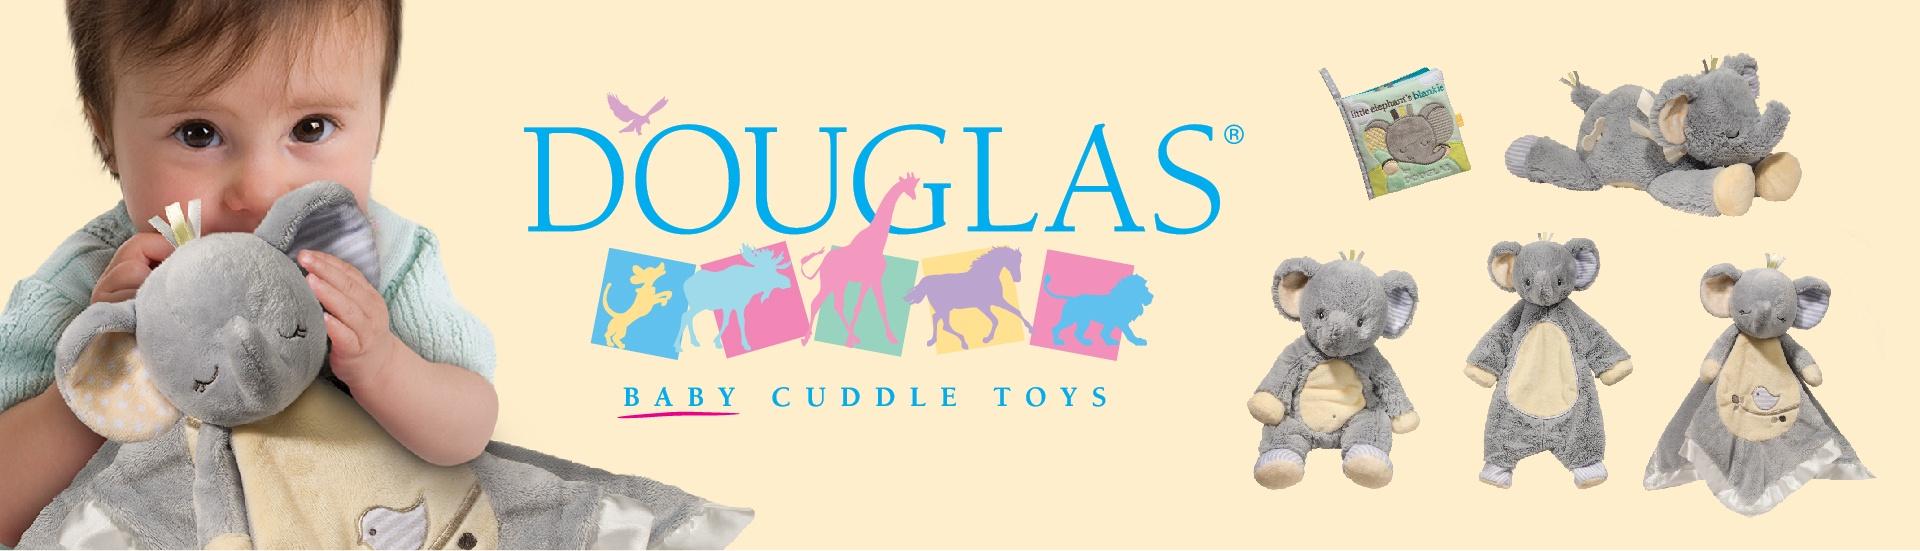 Douglas Baby